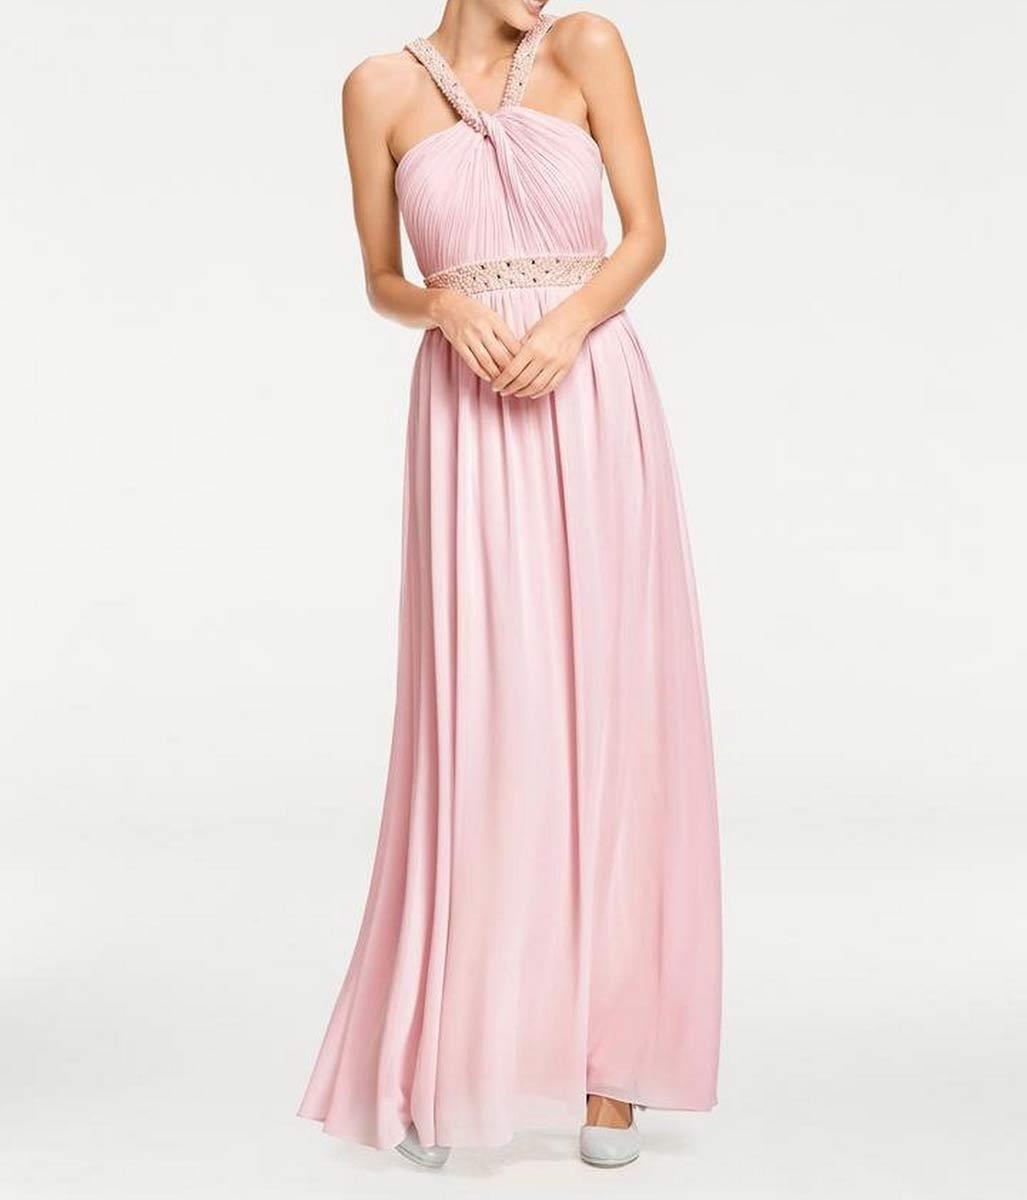 Festmoden Ashley Brooke Abendkleid lang, rosé 058.363 058.363 Missforty